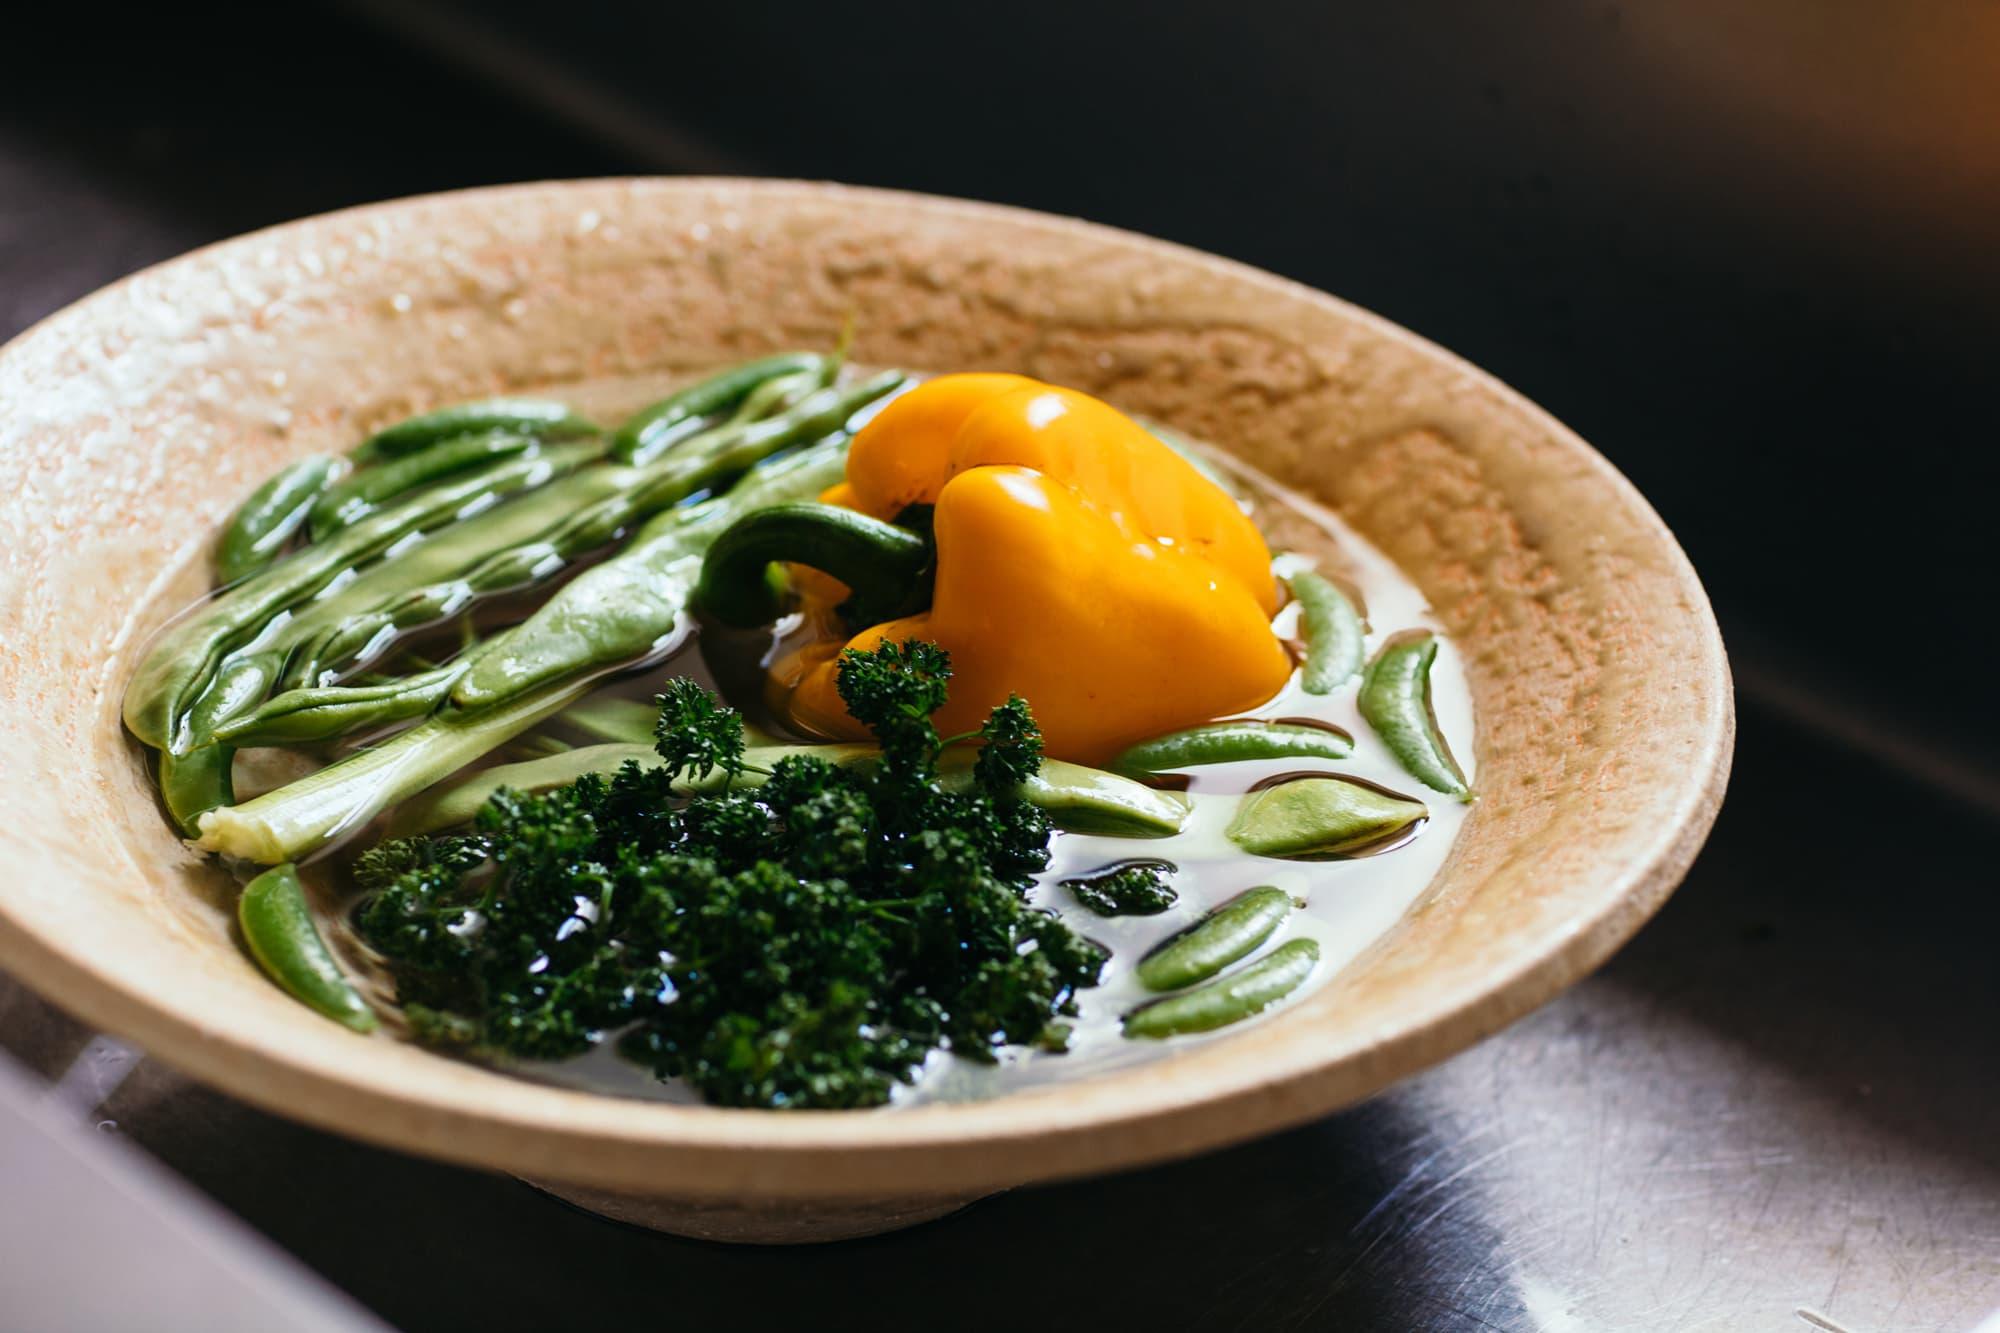 味わい深い熊本の野菜